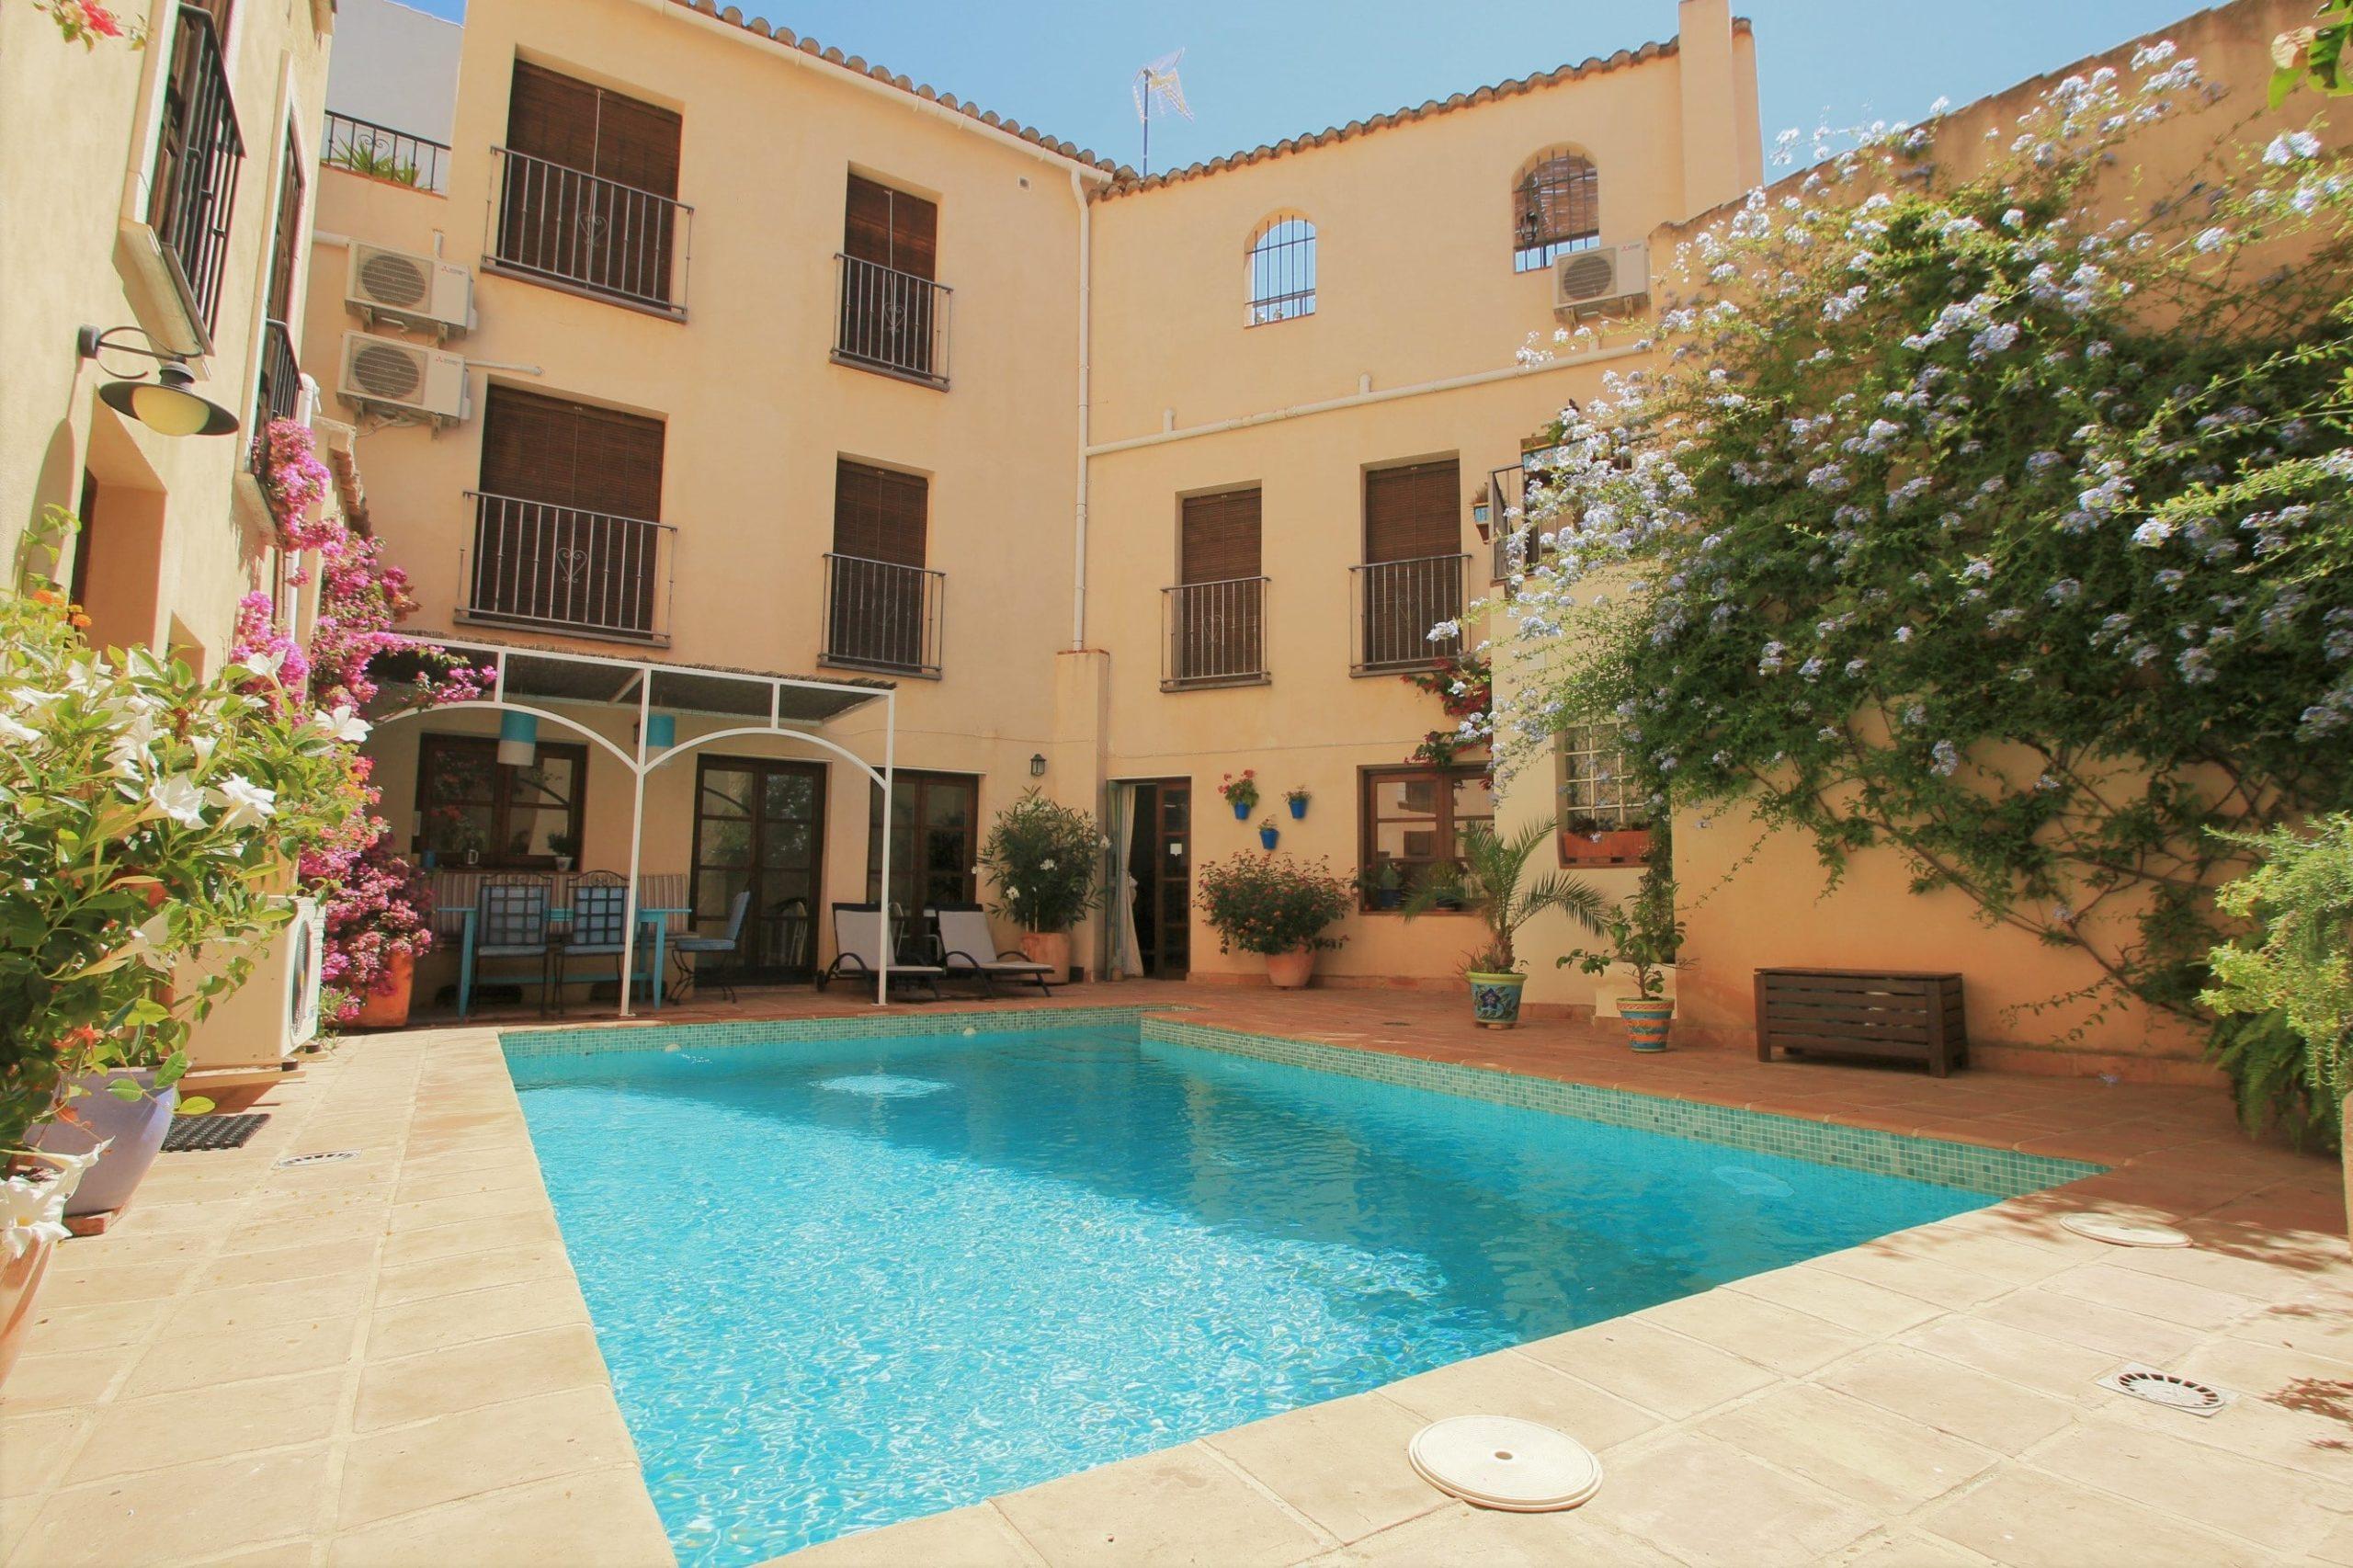 pool and patio Casa del patio